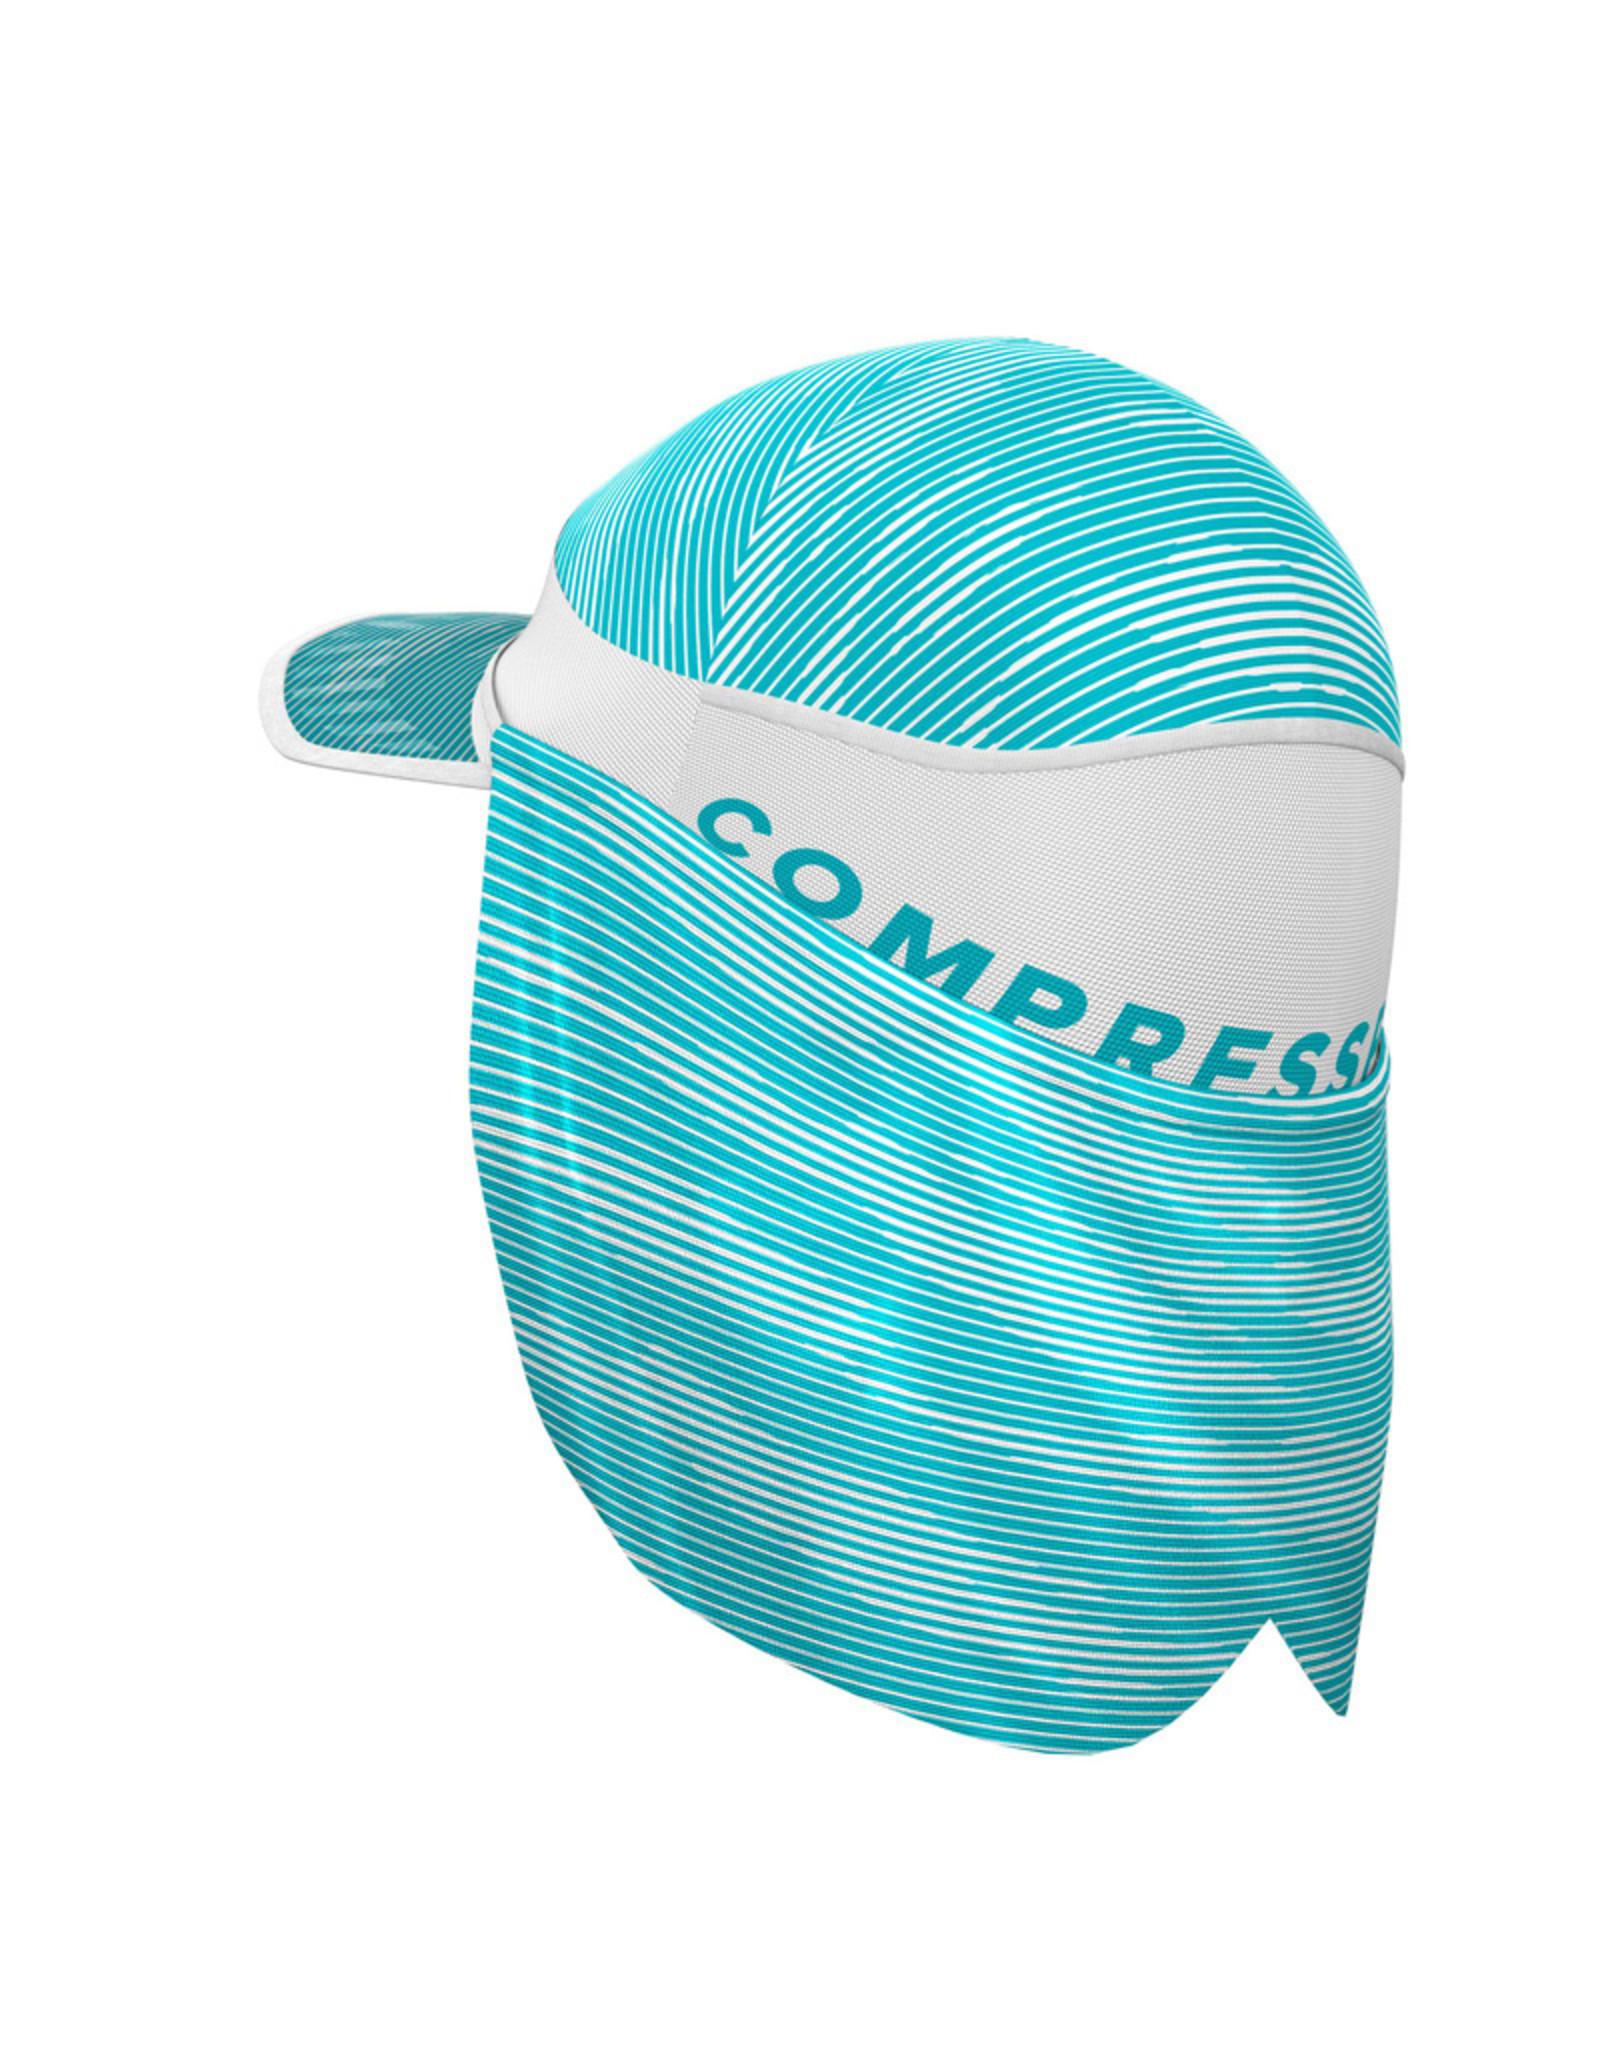 Compressport Ice Cap Sun Shade Casquette  Pour Conditions Extremement Chaudes - Blanc